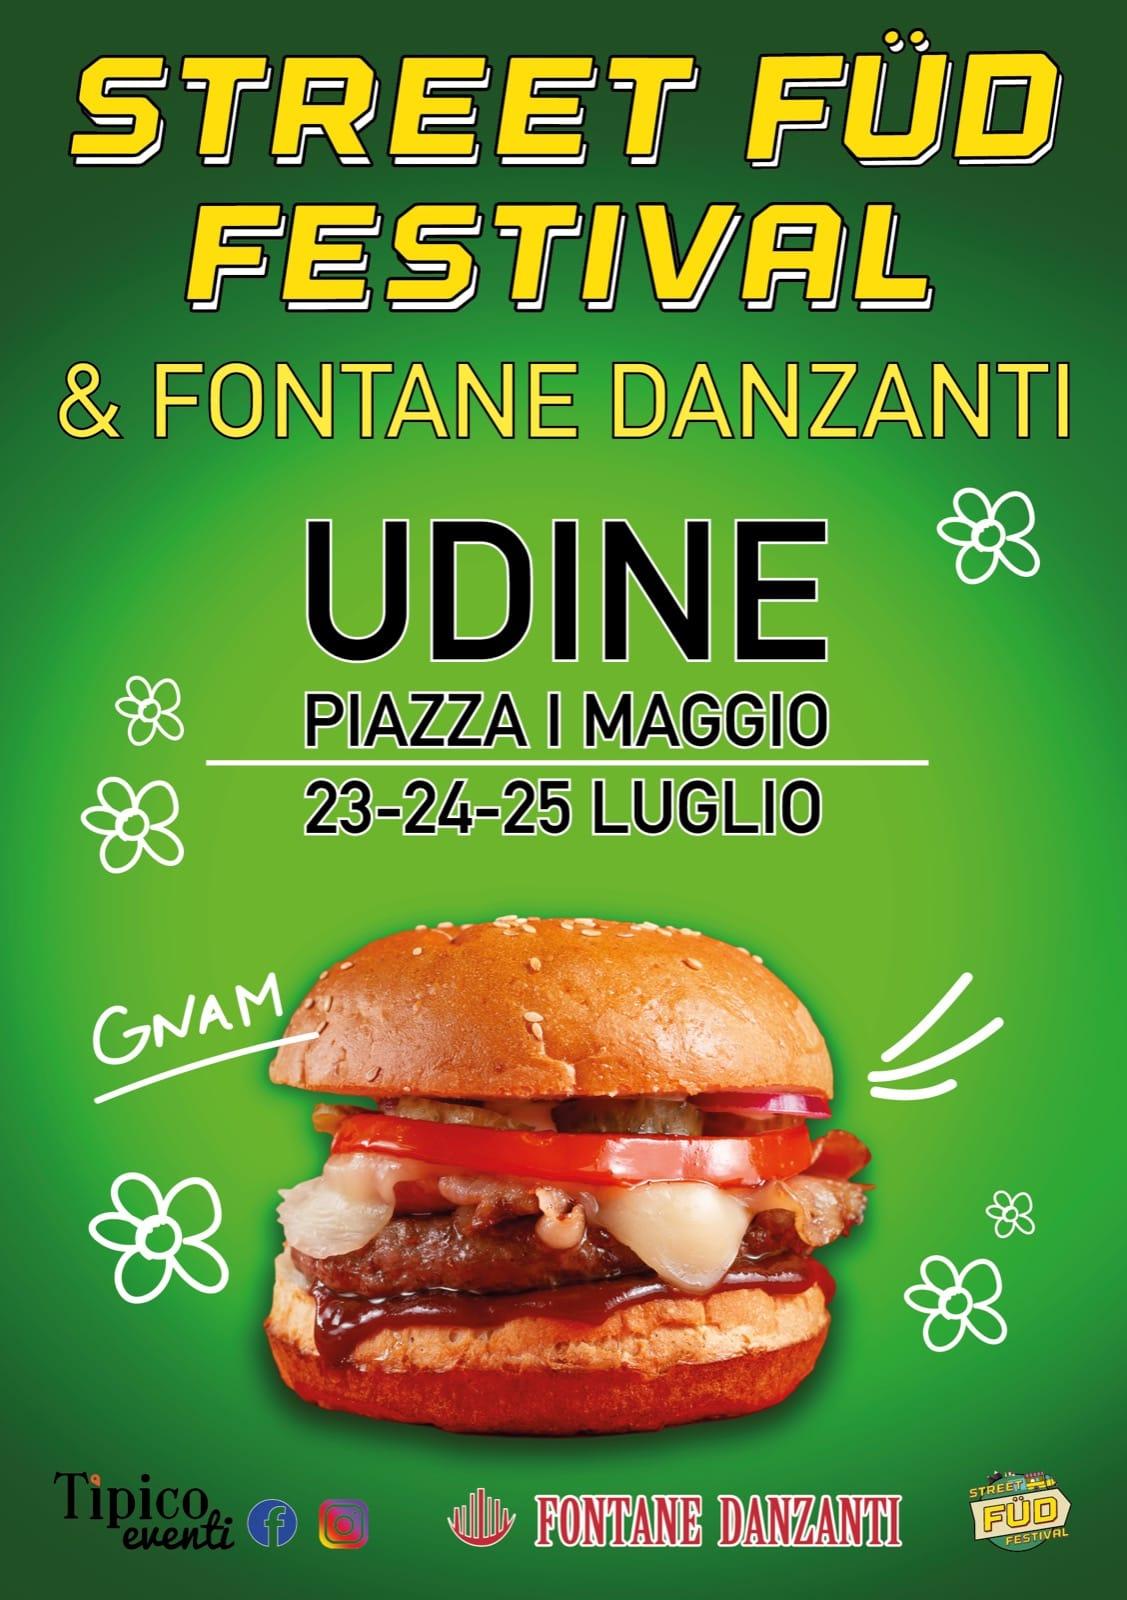 UDINE STREET FOOD FESTIVAL & FONTANTE DANZANTI 23/24/25 LUGLIO 2021